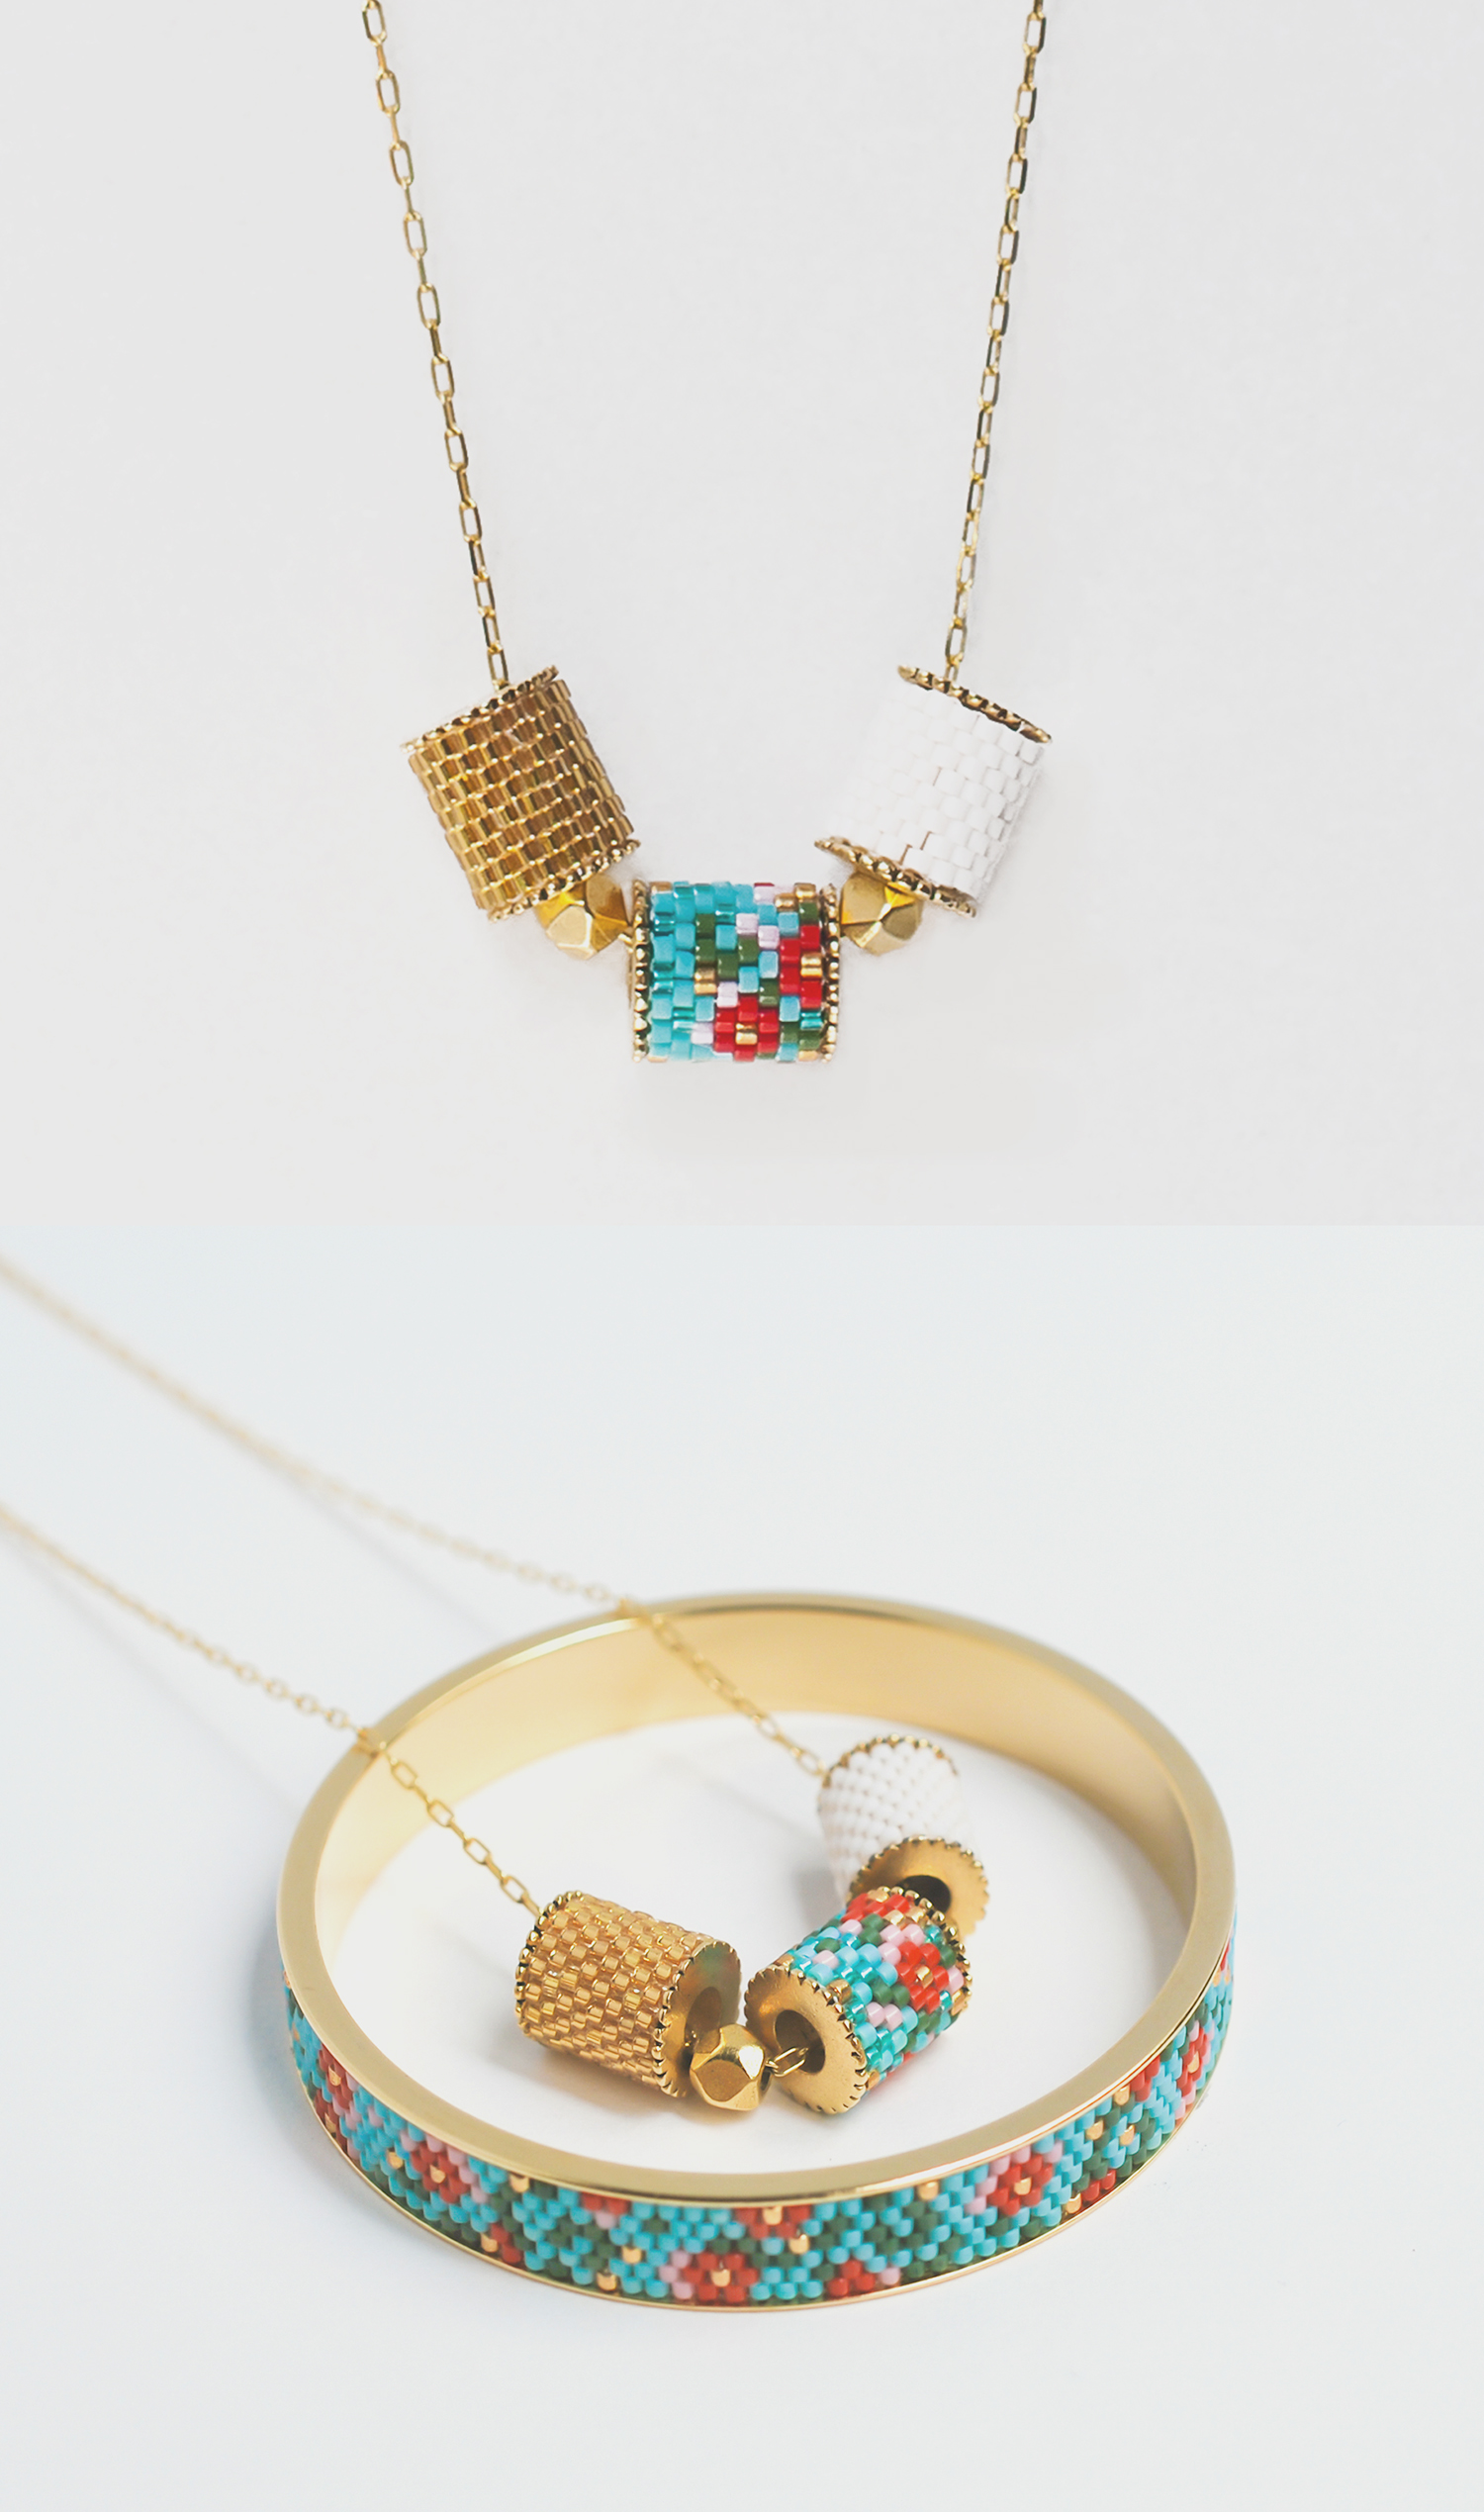 策展人:精心手工编织的饰品,绚丽的色彩和图案受到了土生华人文化的影响。 - 斯蒂芬妮聚焦手工编织技术,选用优质日本Miyuki珠子,打造具有现当代美感的、实用的可穿戴单品。她与新加坡手工制作珠宝的工匠一同设计、合作完成各类珠宝项目。